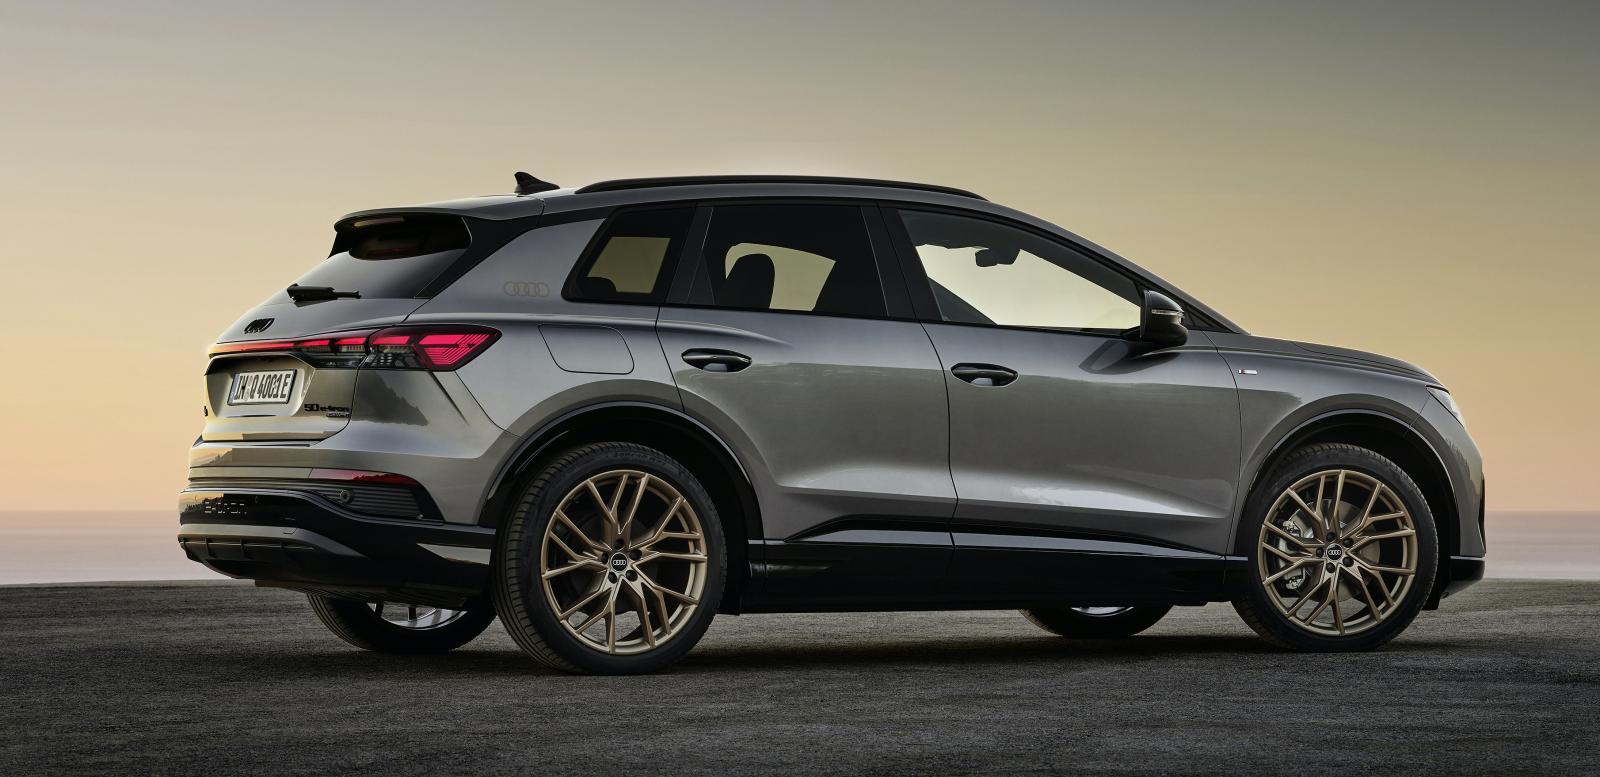 """Audi Q4 har lågt luftmotstånd vilket ska ge längre räckvidd. För den vanliga modellen är luftmotståndskoefficienten 0,28 och för den slankare Q4 Sportback är siffran 0,26. Något främre bagageutrymme (""""frunk"""") finns inte."""